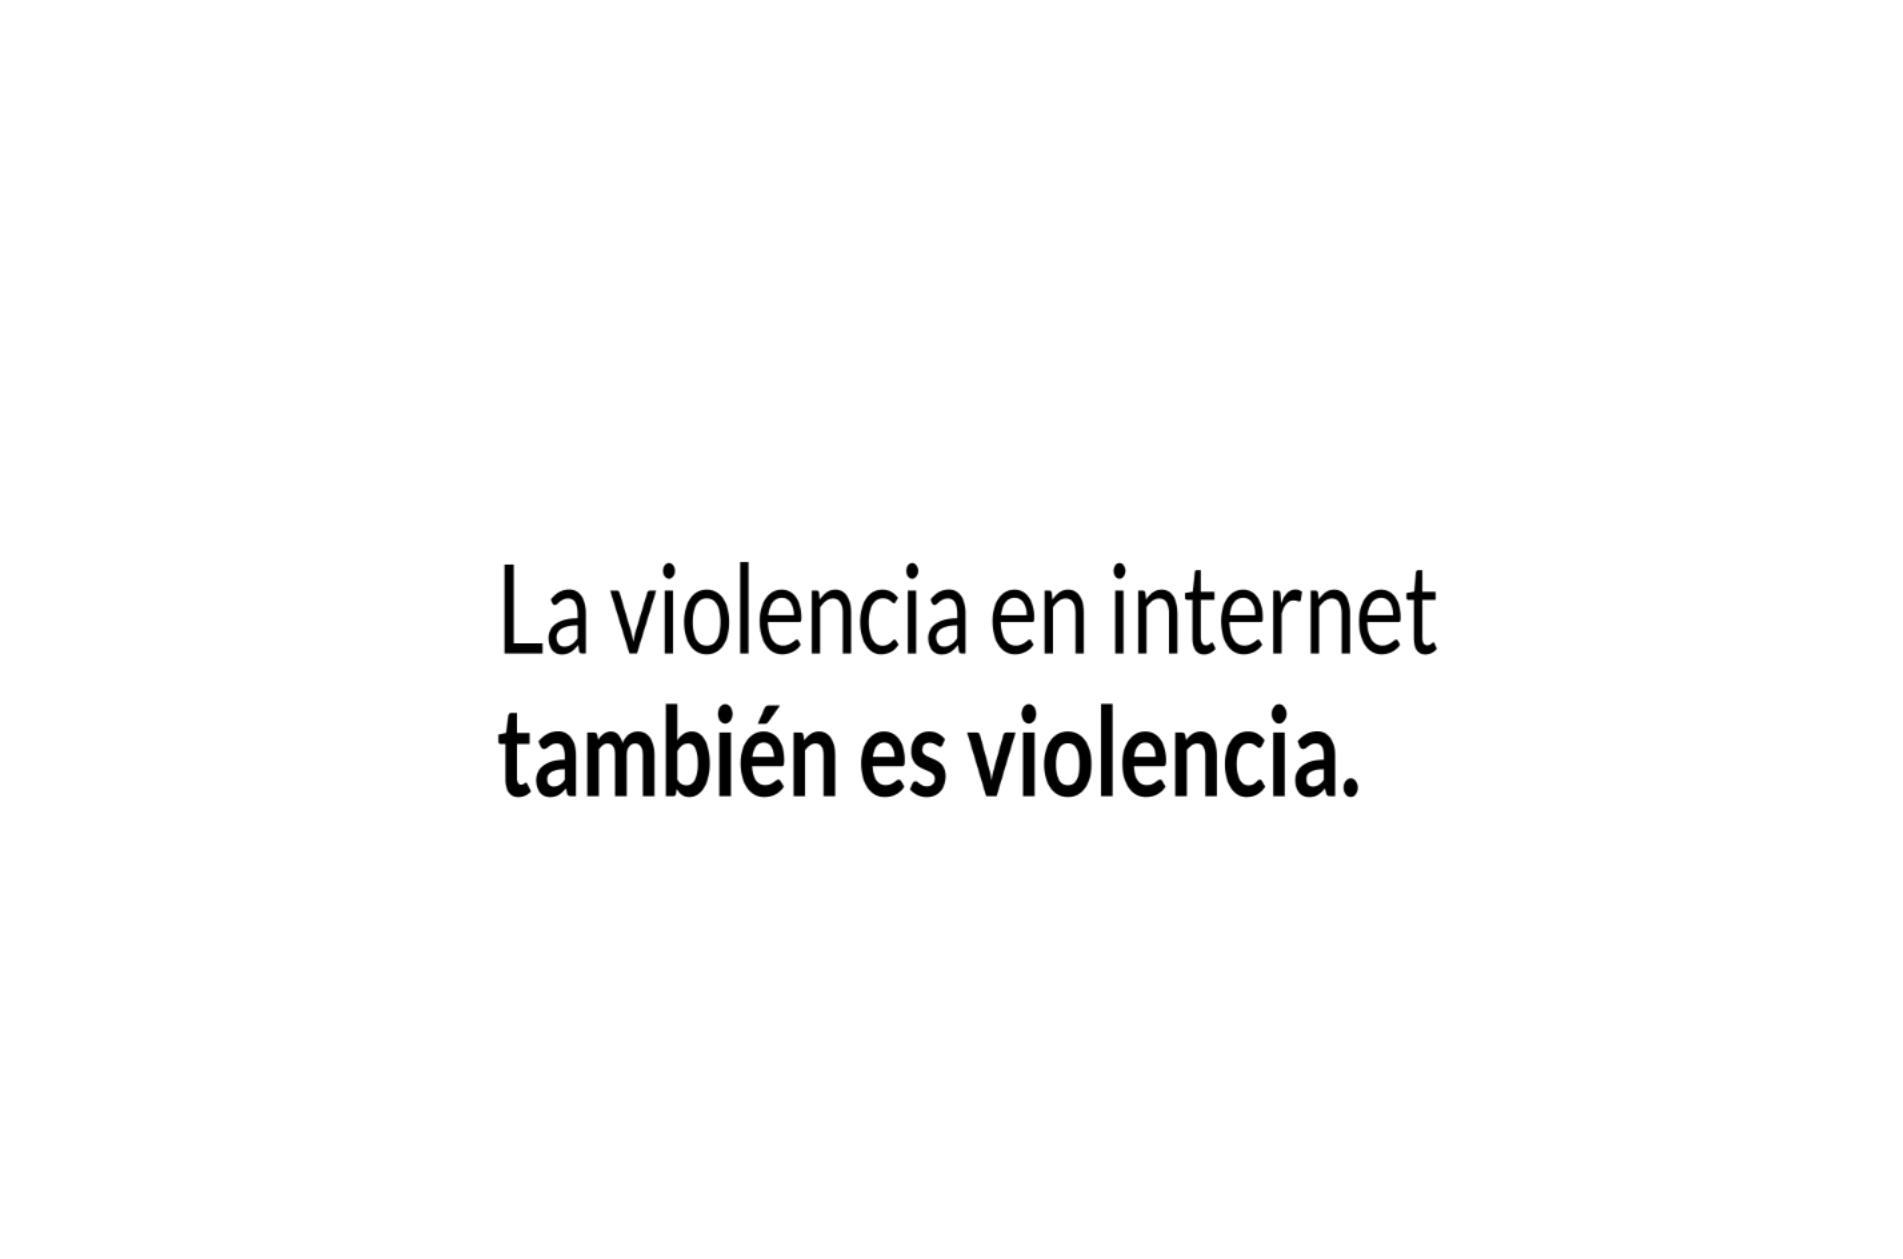 violencia en internet